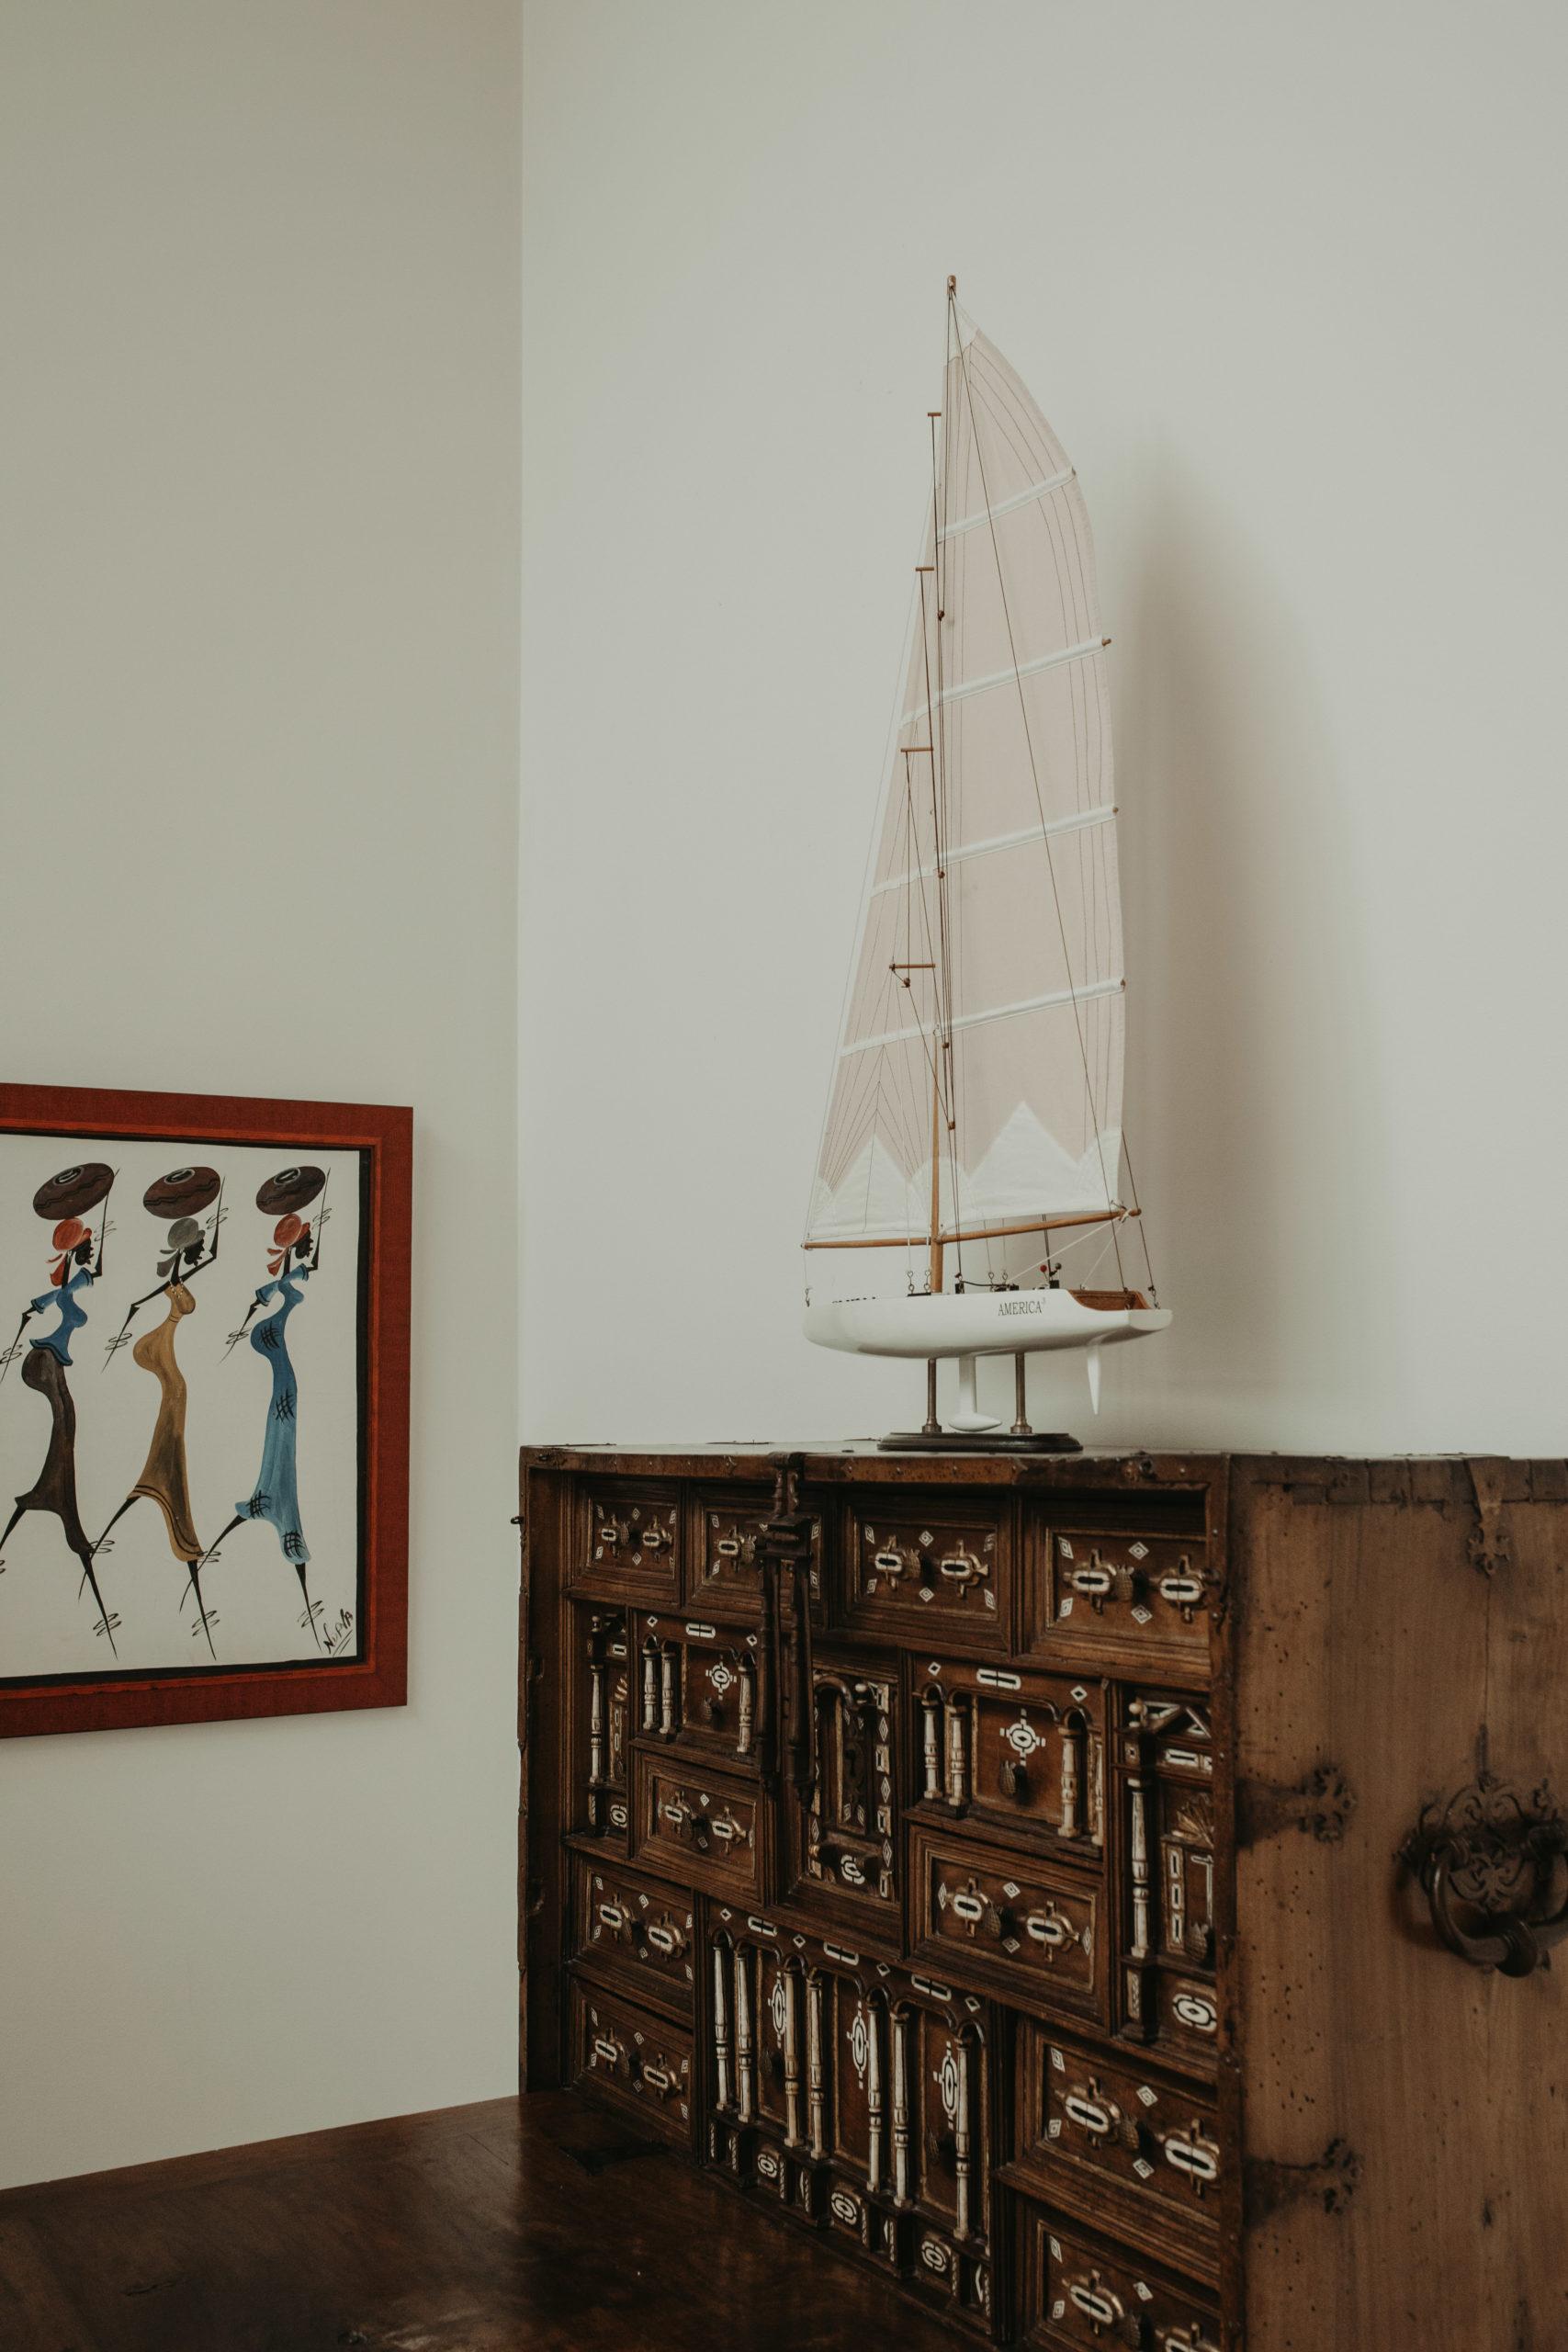 Maqueta de barco sobre mueble en un caserío para eventos de Hondarribia